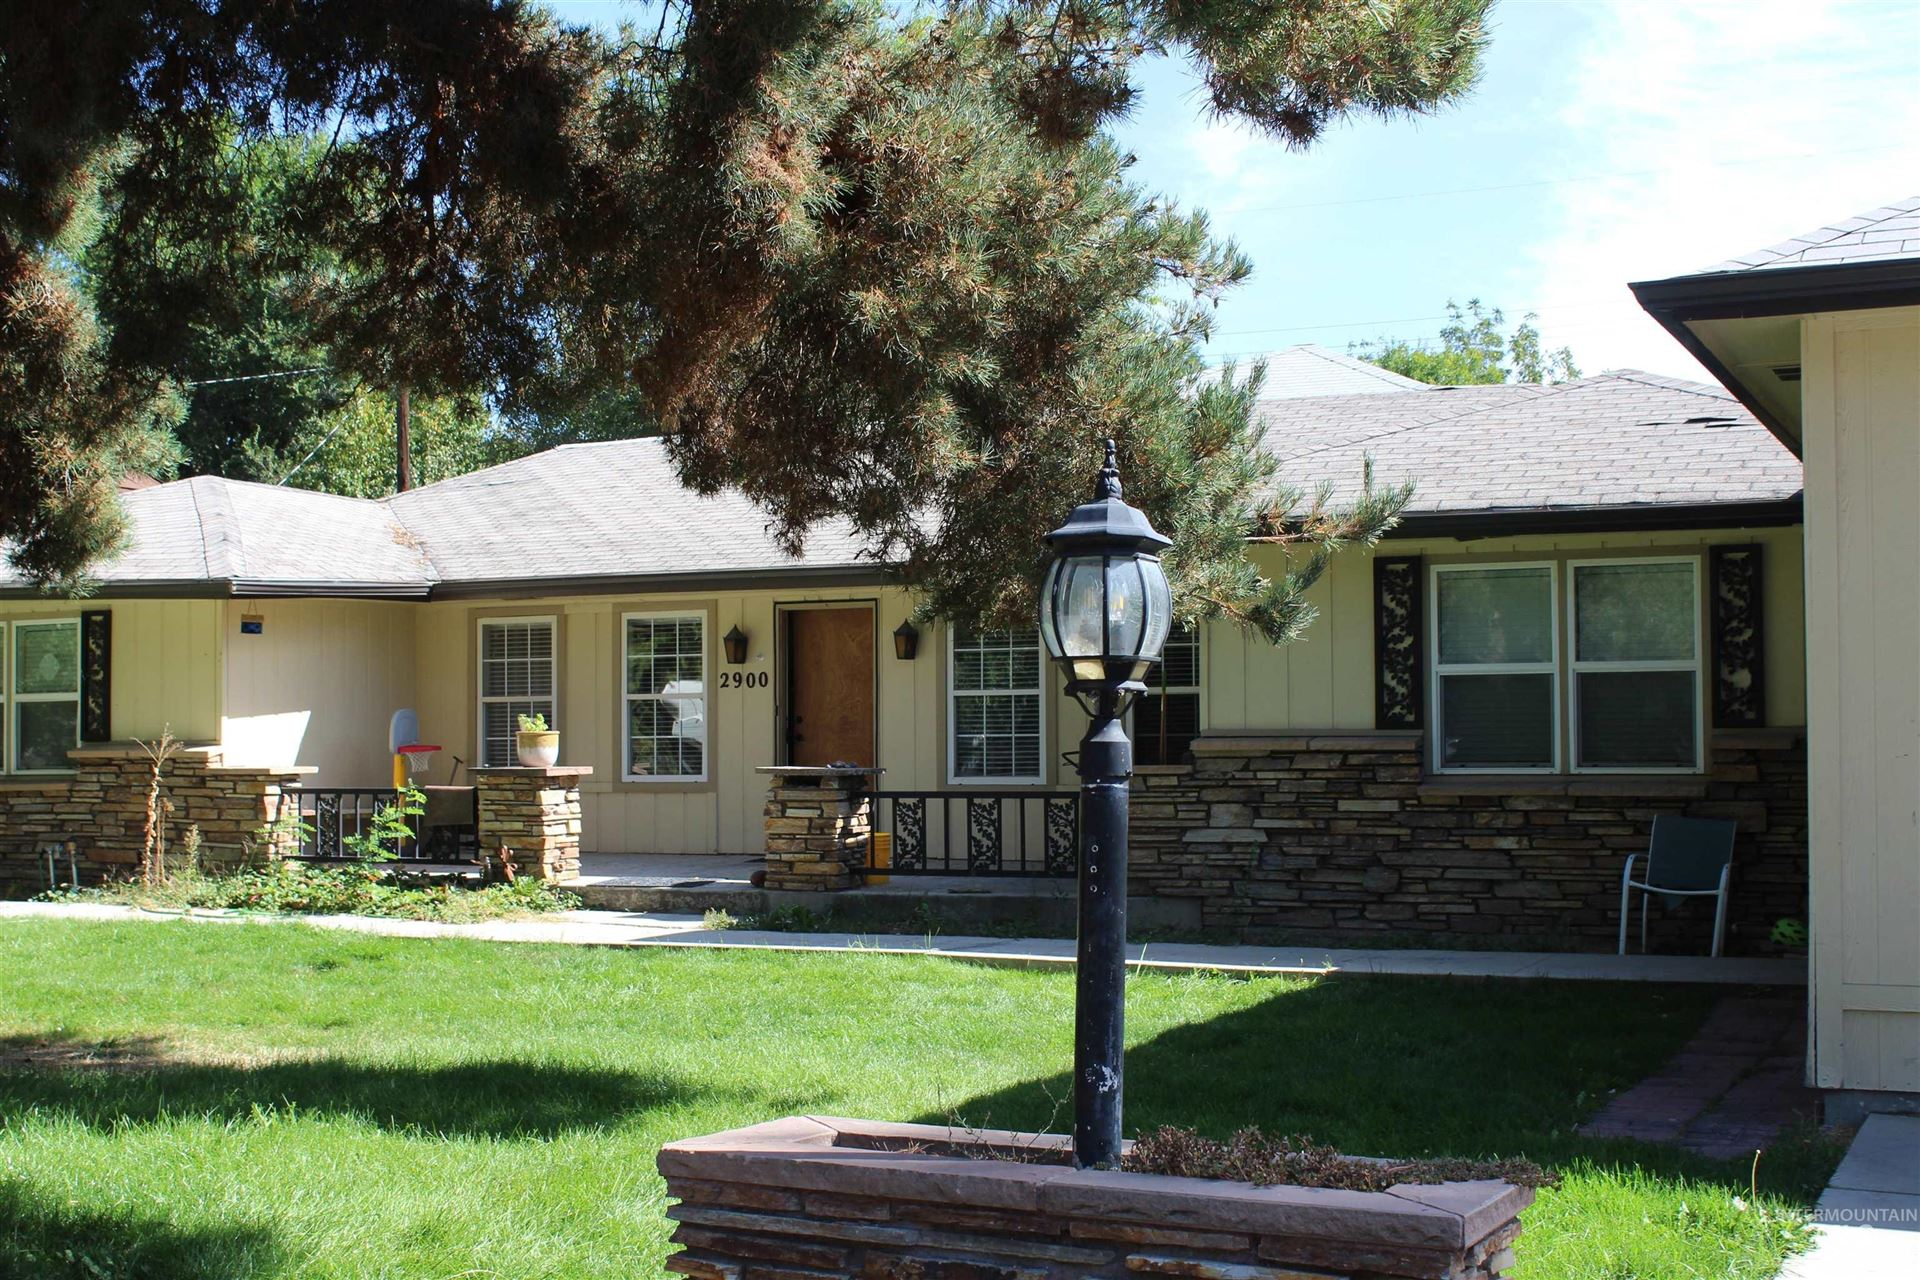 2900 N Tamarack, Boise, ID 83703 - MLS#: 98819461